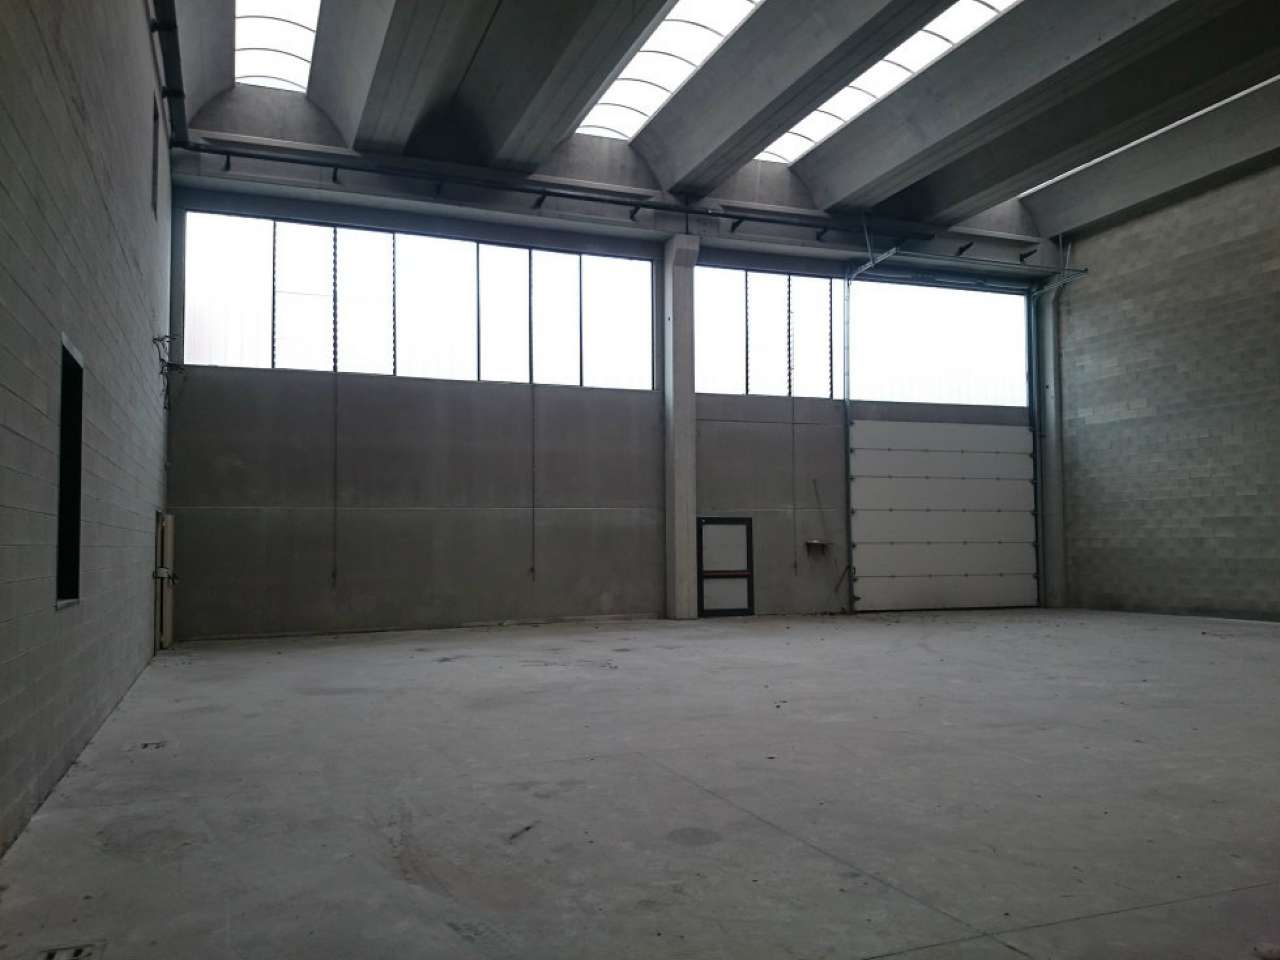 Capannone in vendita a Pioltello, 9999 locali, prezzo € 840.000 | Cambio Casa.it